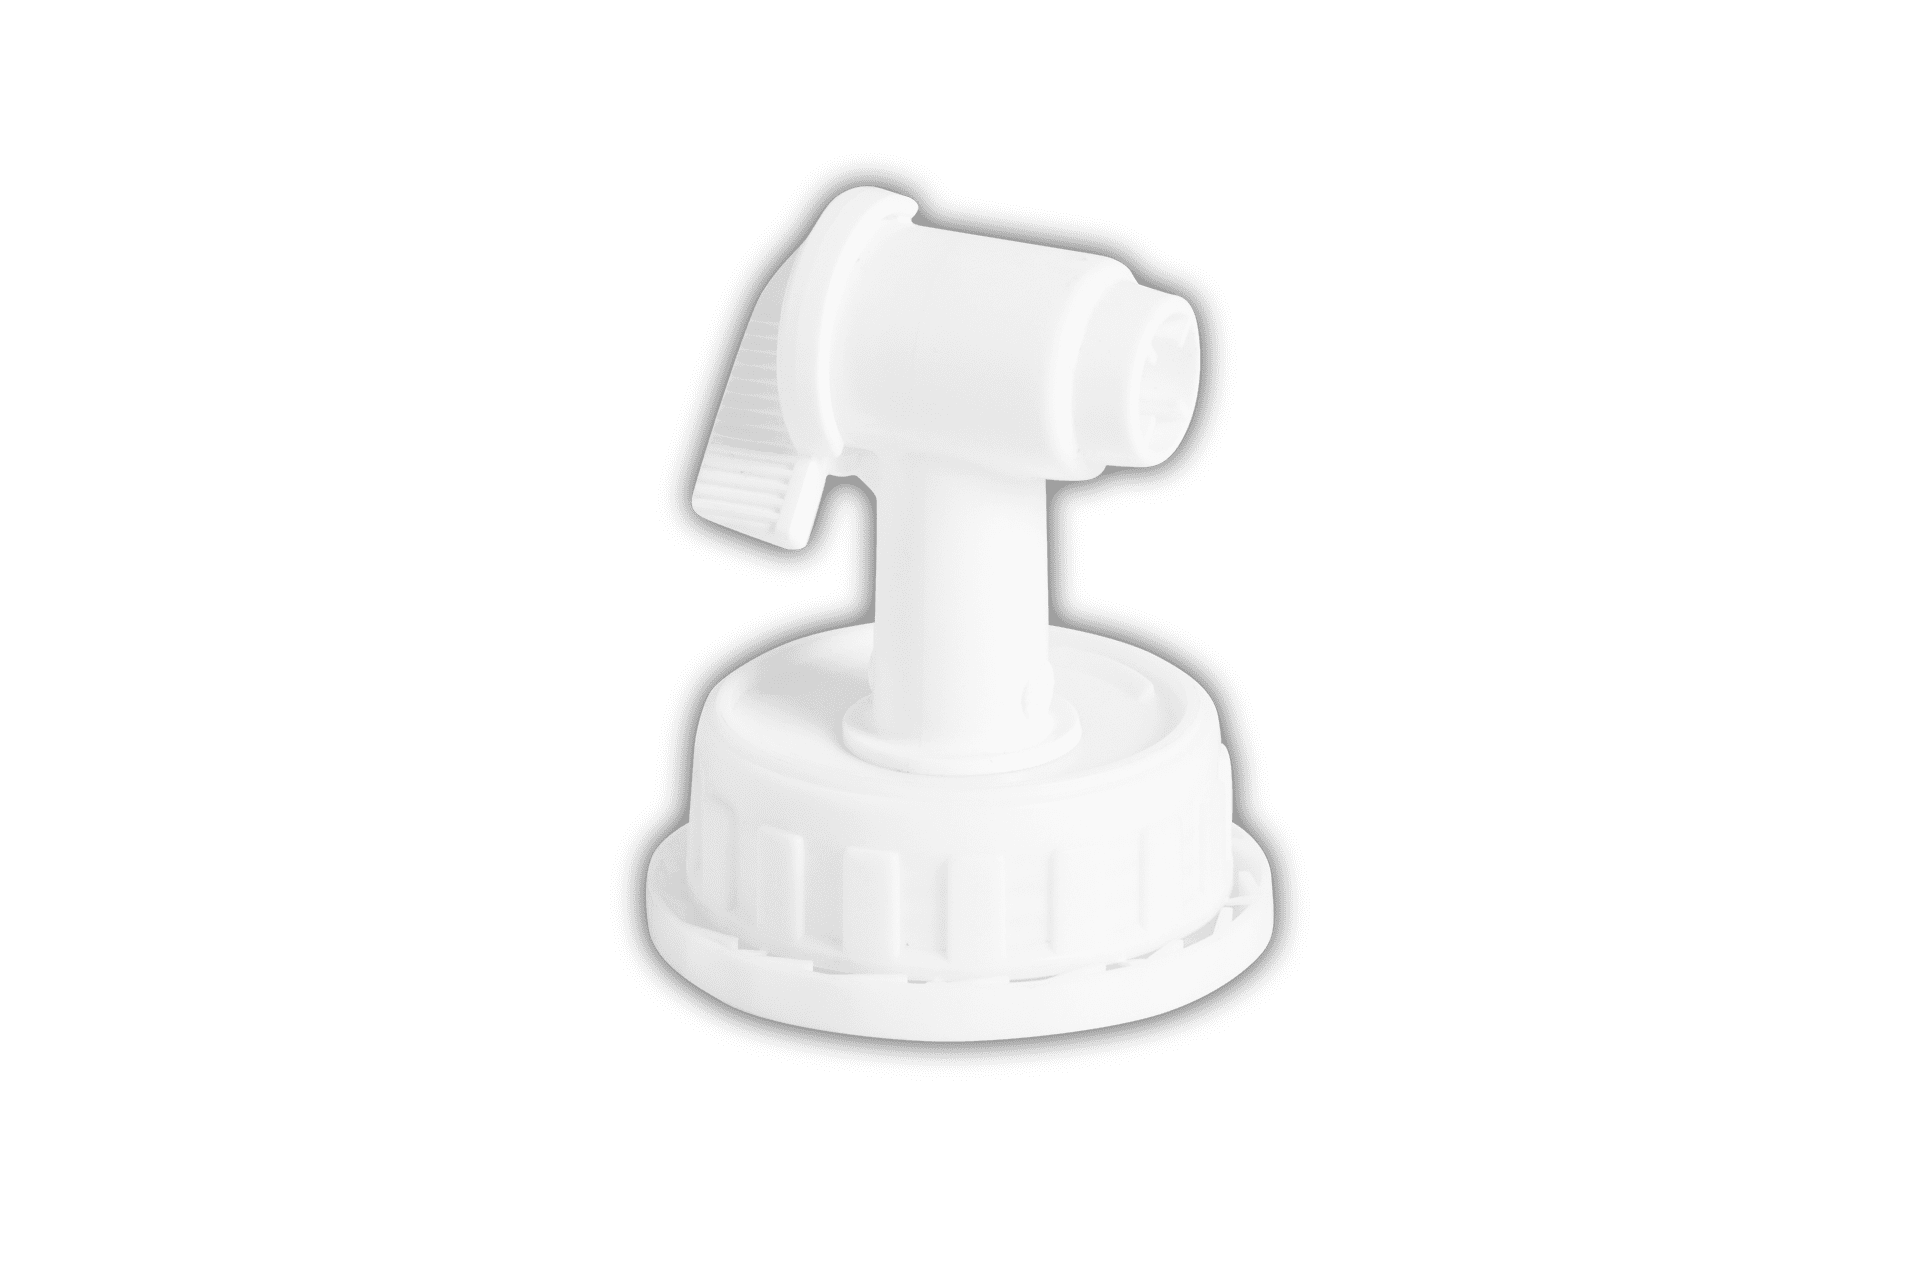 Imagem do produto Torneira Adaptadora da Linha Diversos, para bombonas de 25 e 50 litros para visualização